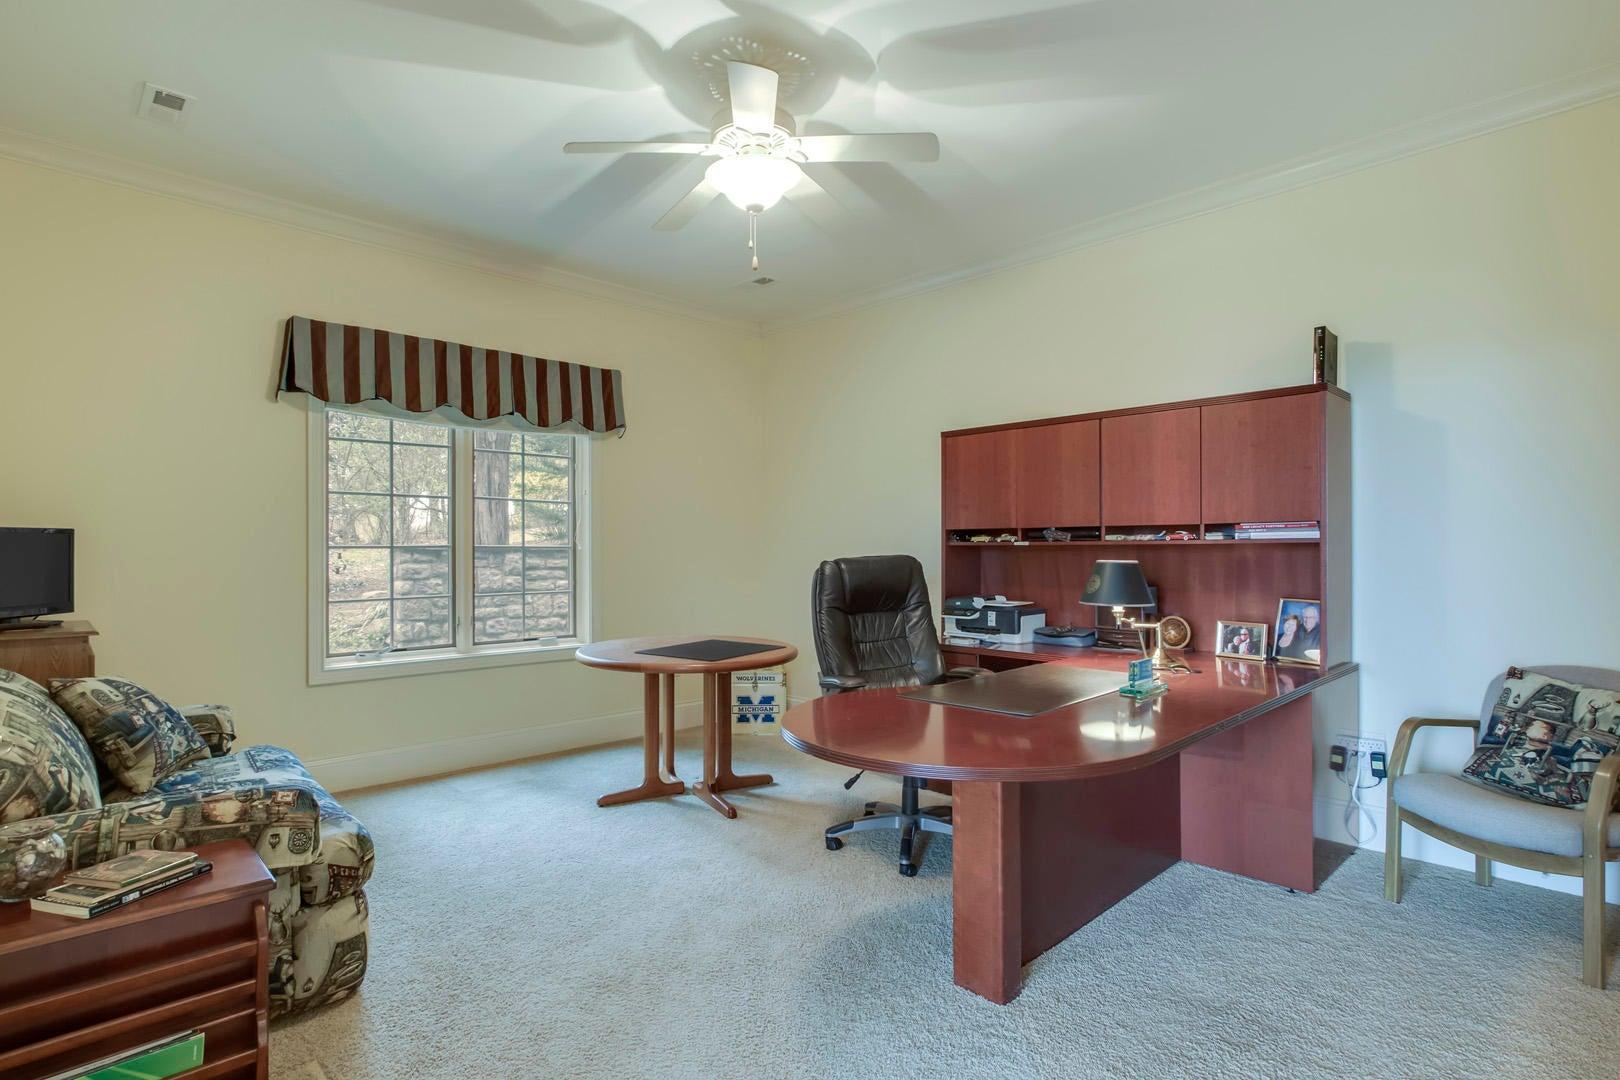 40_StoneburyWay_1033_Bedroom3-Office01